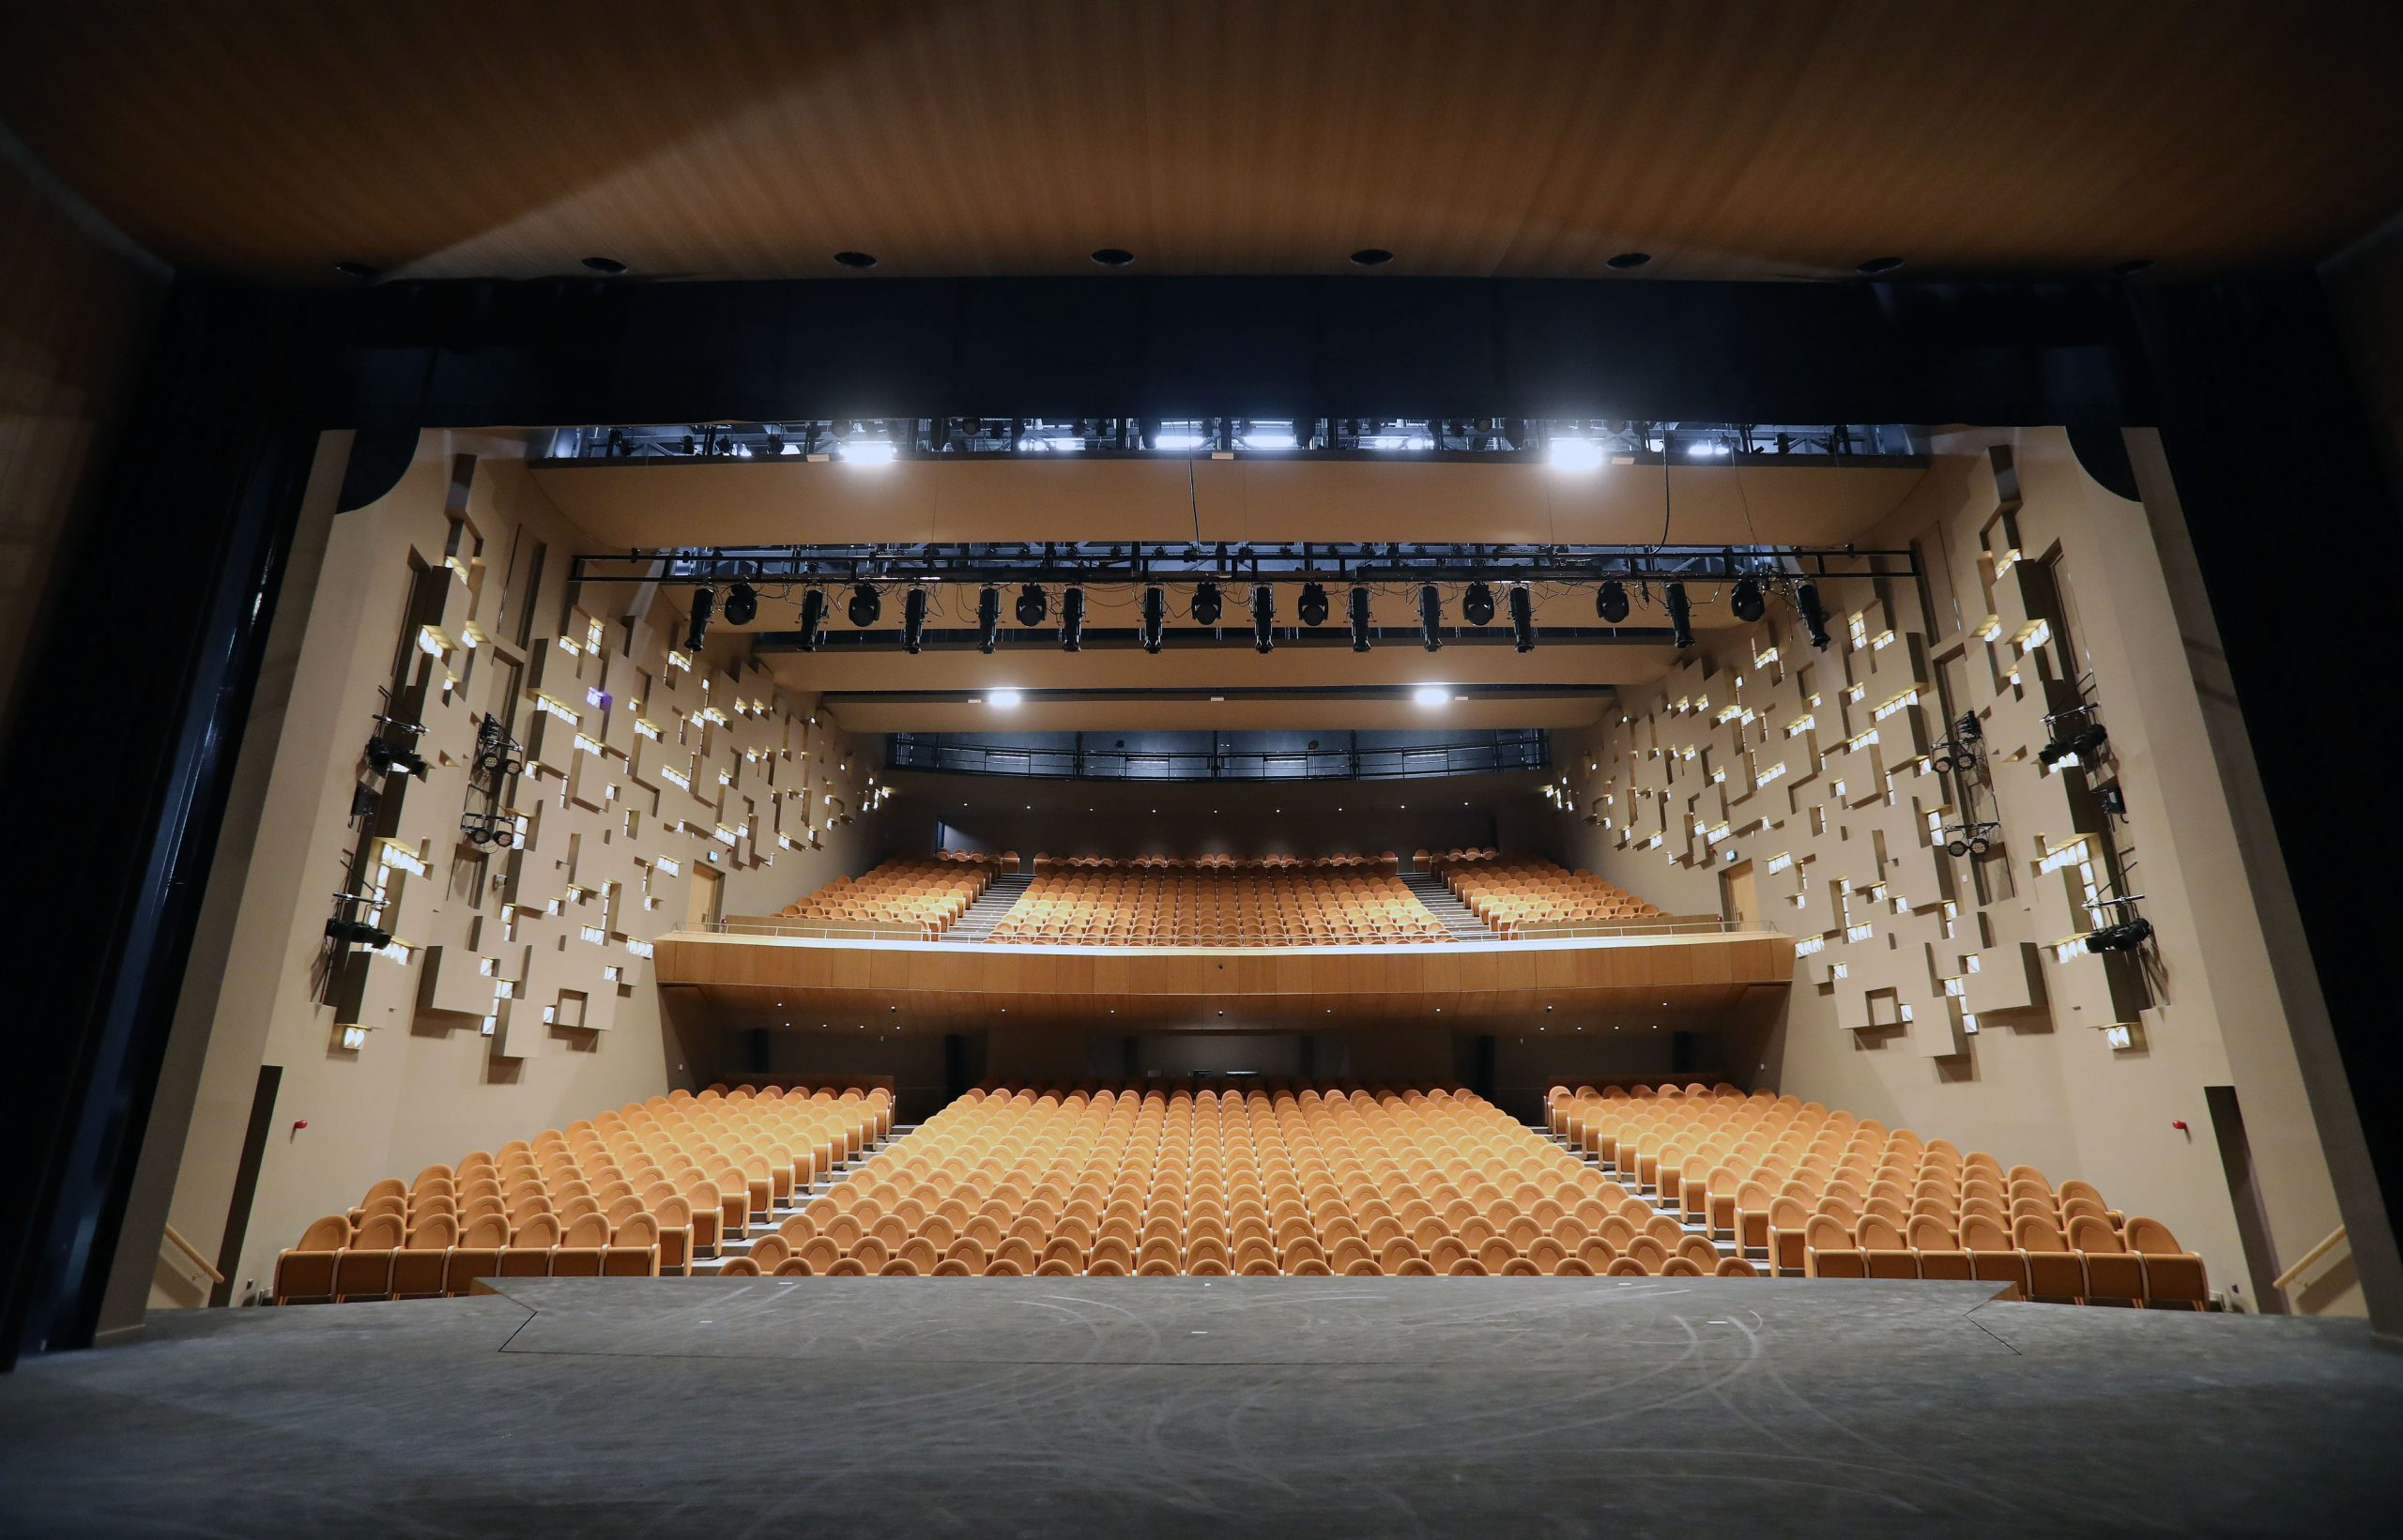 Η Ανώτερη Αρχιτέκτονας και Λειτουργός Πολεοδομίας στο Δήμο Λευκωσίας Αθηνά Παπαδοπού-λου μίλησε στο ΚΥΠΕ για το πλήρως ανακαινισμένο Δημοτικό Θέατρο Λευκωσίας, Σάββατο 8 Ιουνίου 2019. ΚΥΠΕ/ΚΑΤΙΑ ΧΡΙΣΤΟΔΟΥΛΟΥ